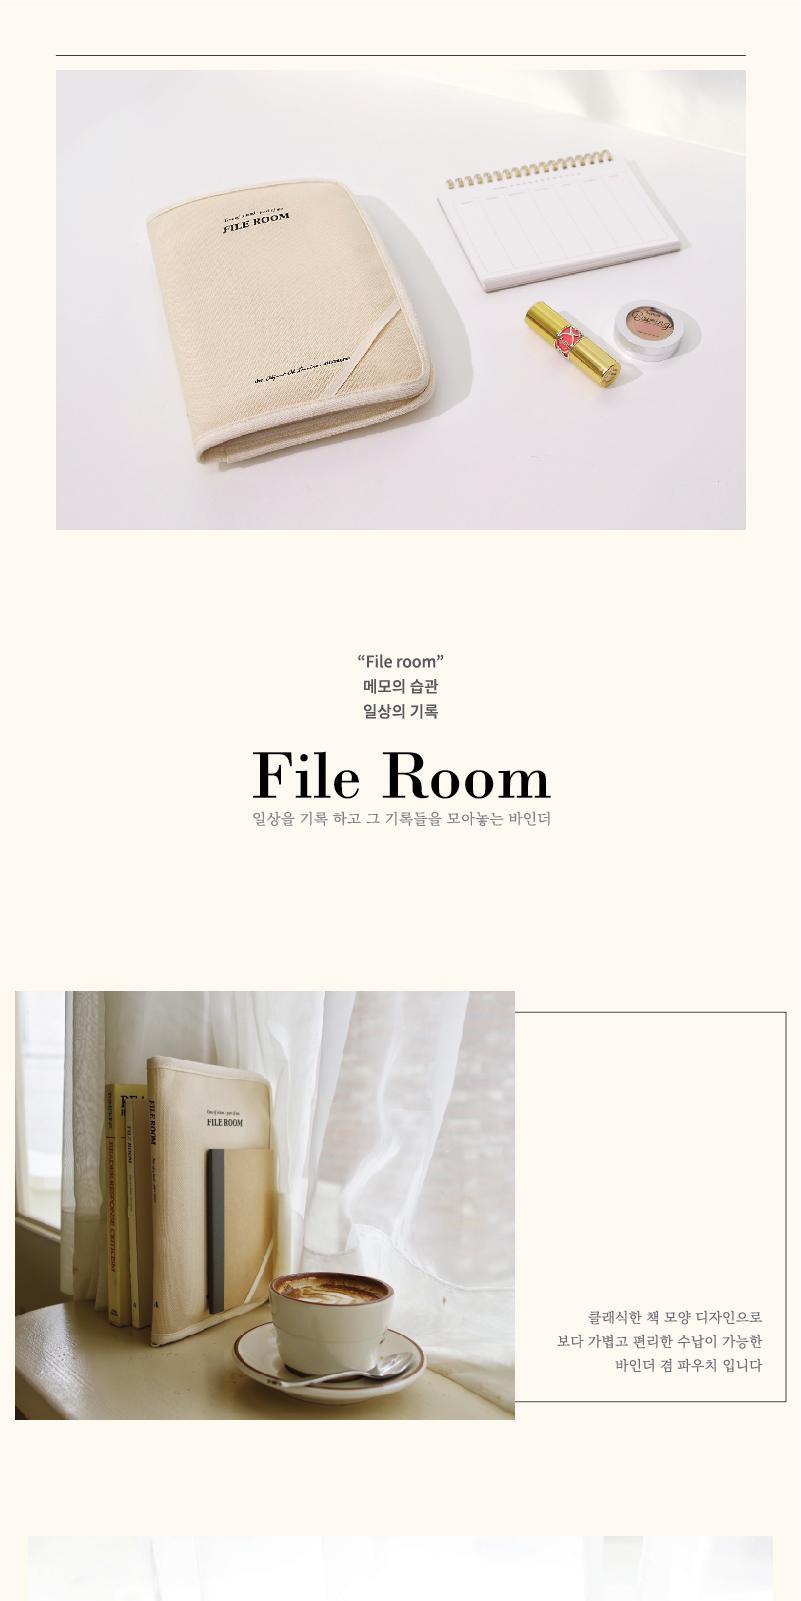 File Room 파일룸 파우치 - 아틱머메이드, 15,000원, 다용도파우치, 지퍼형